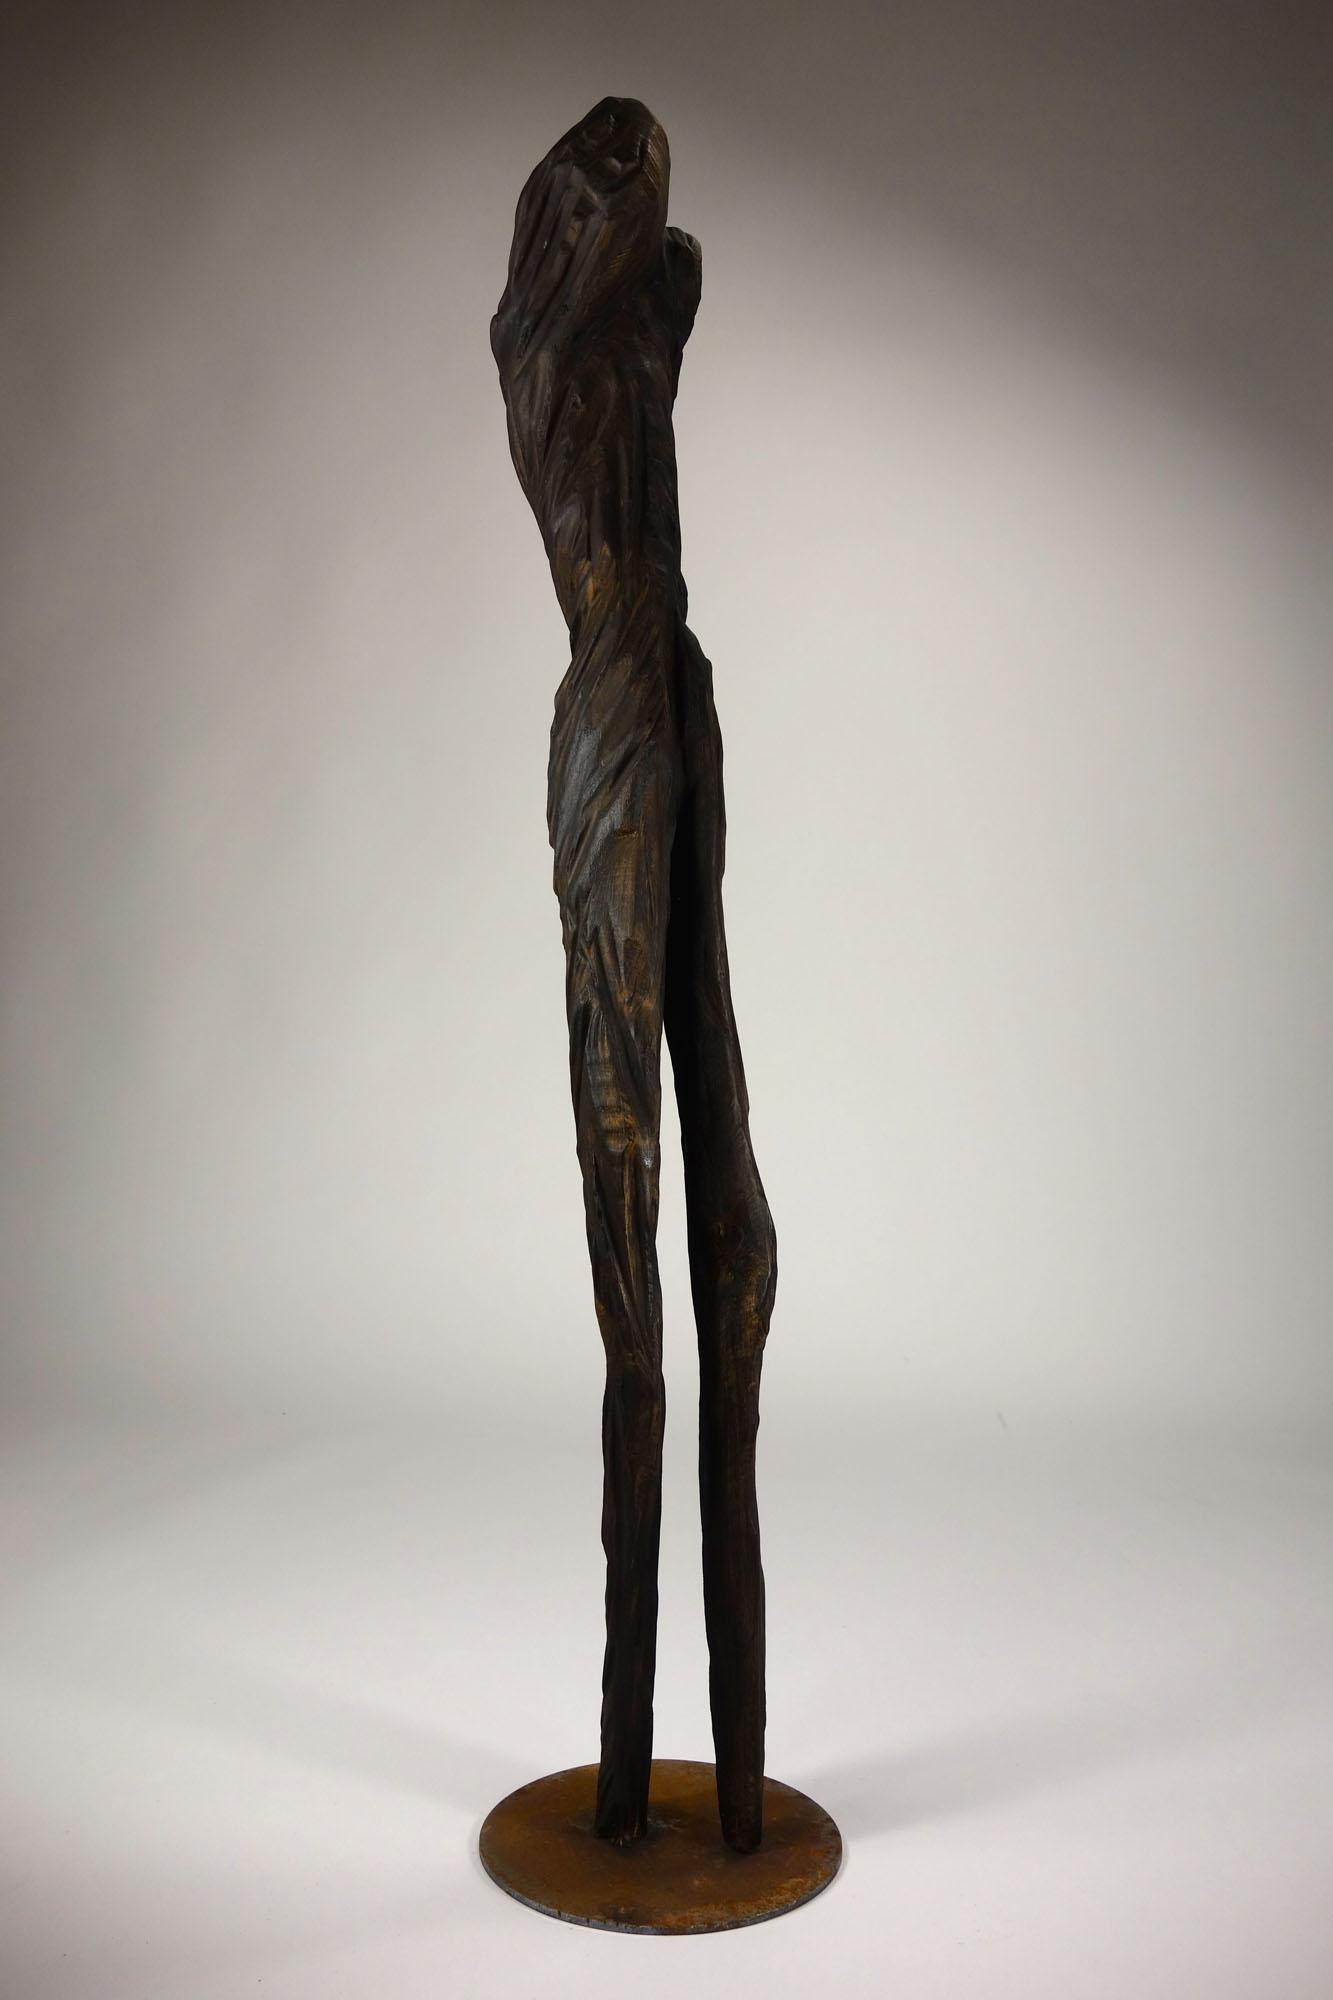 Für Houellebecq Bildhauerin – Marie Madeleine Saludas – Skulpt